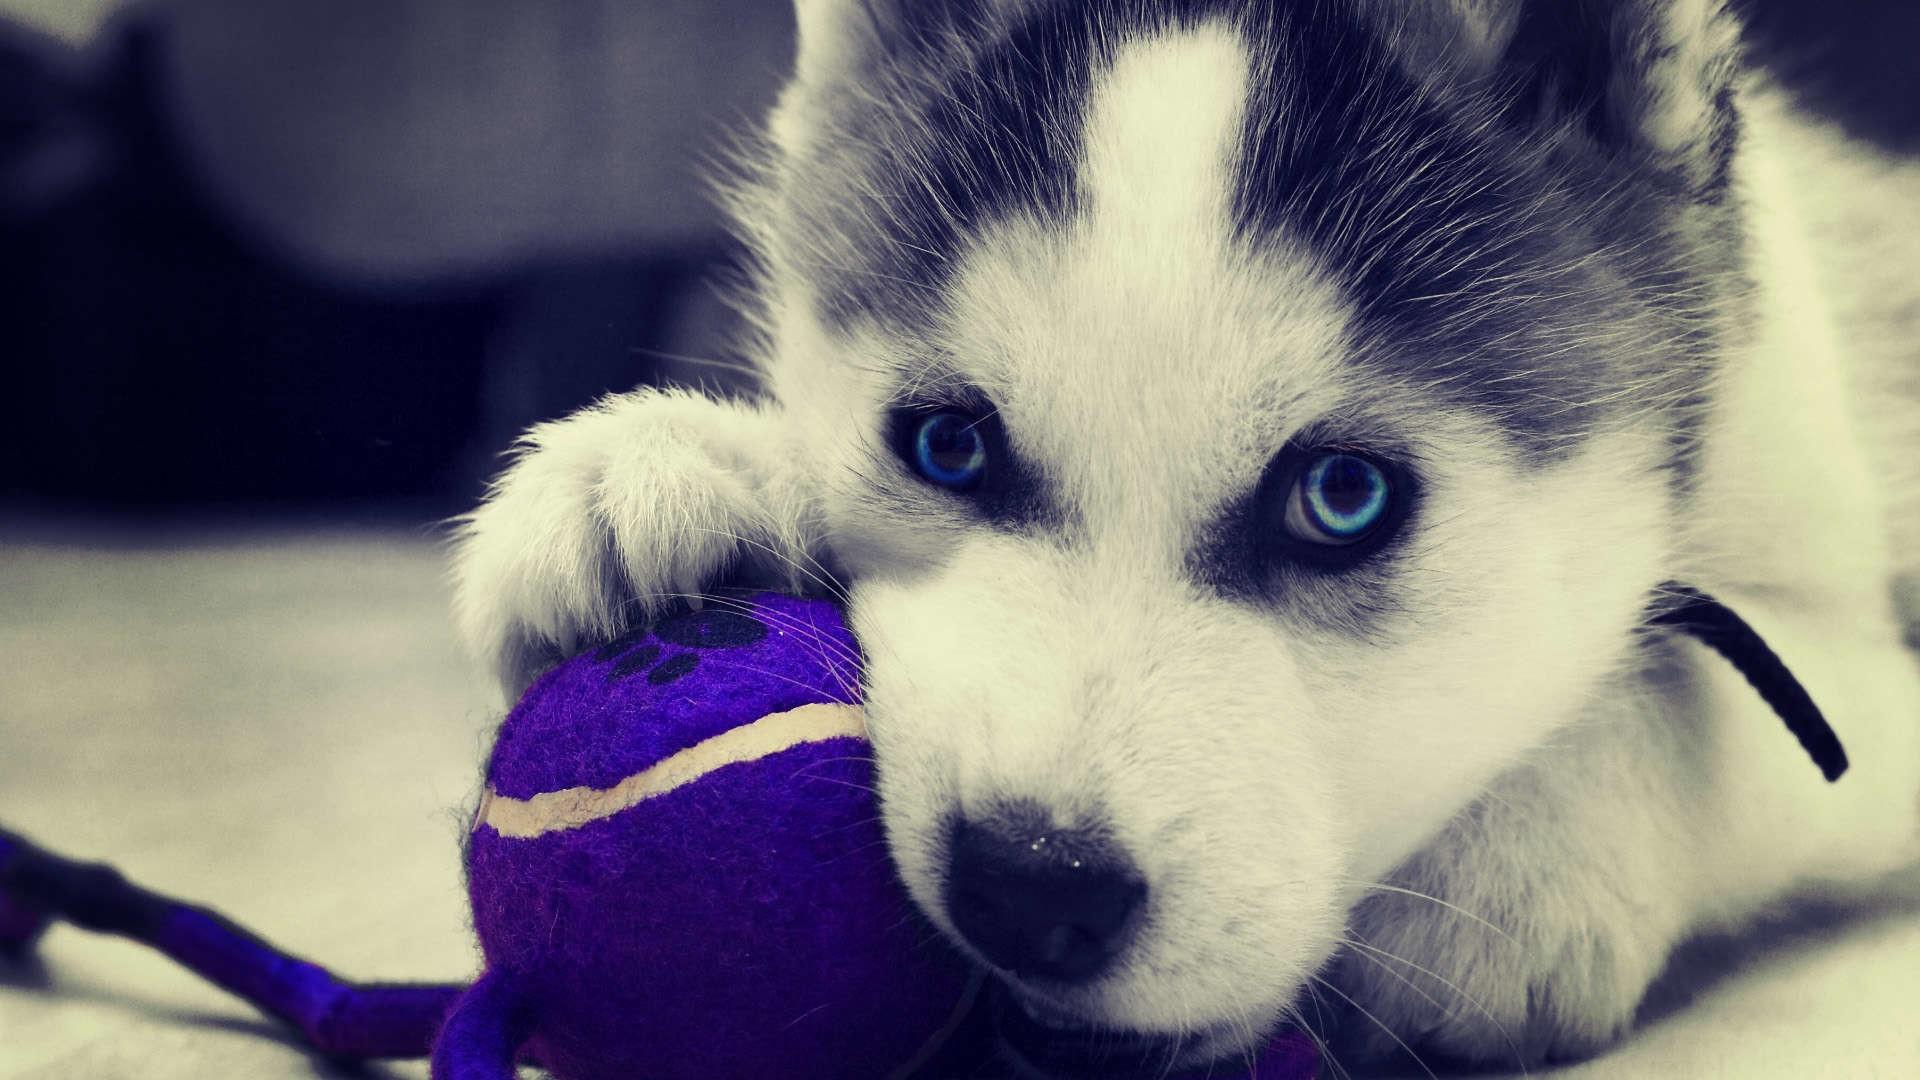 سگ نژاد سیبرین هاسکی